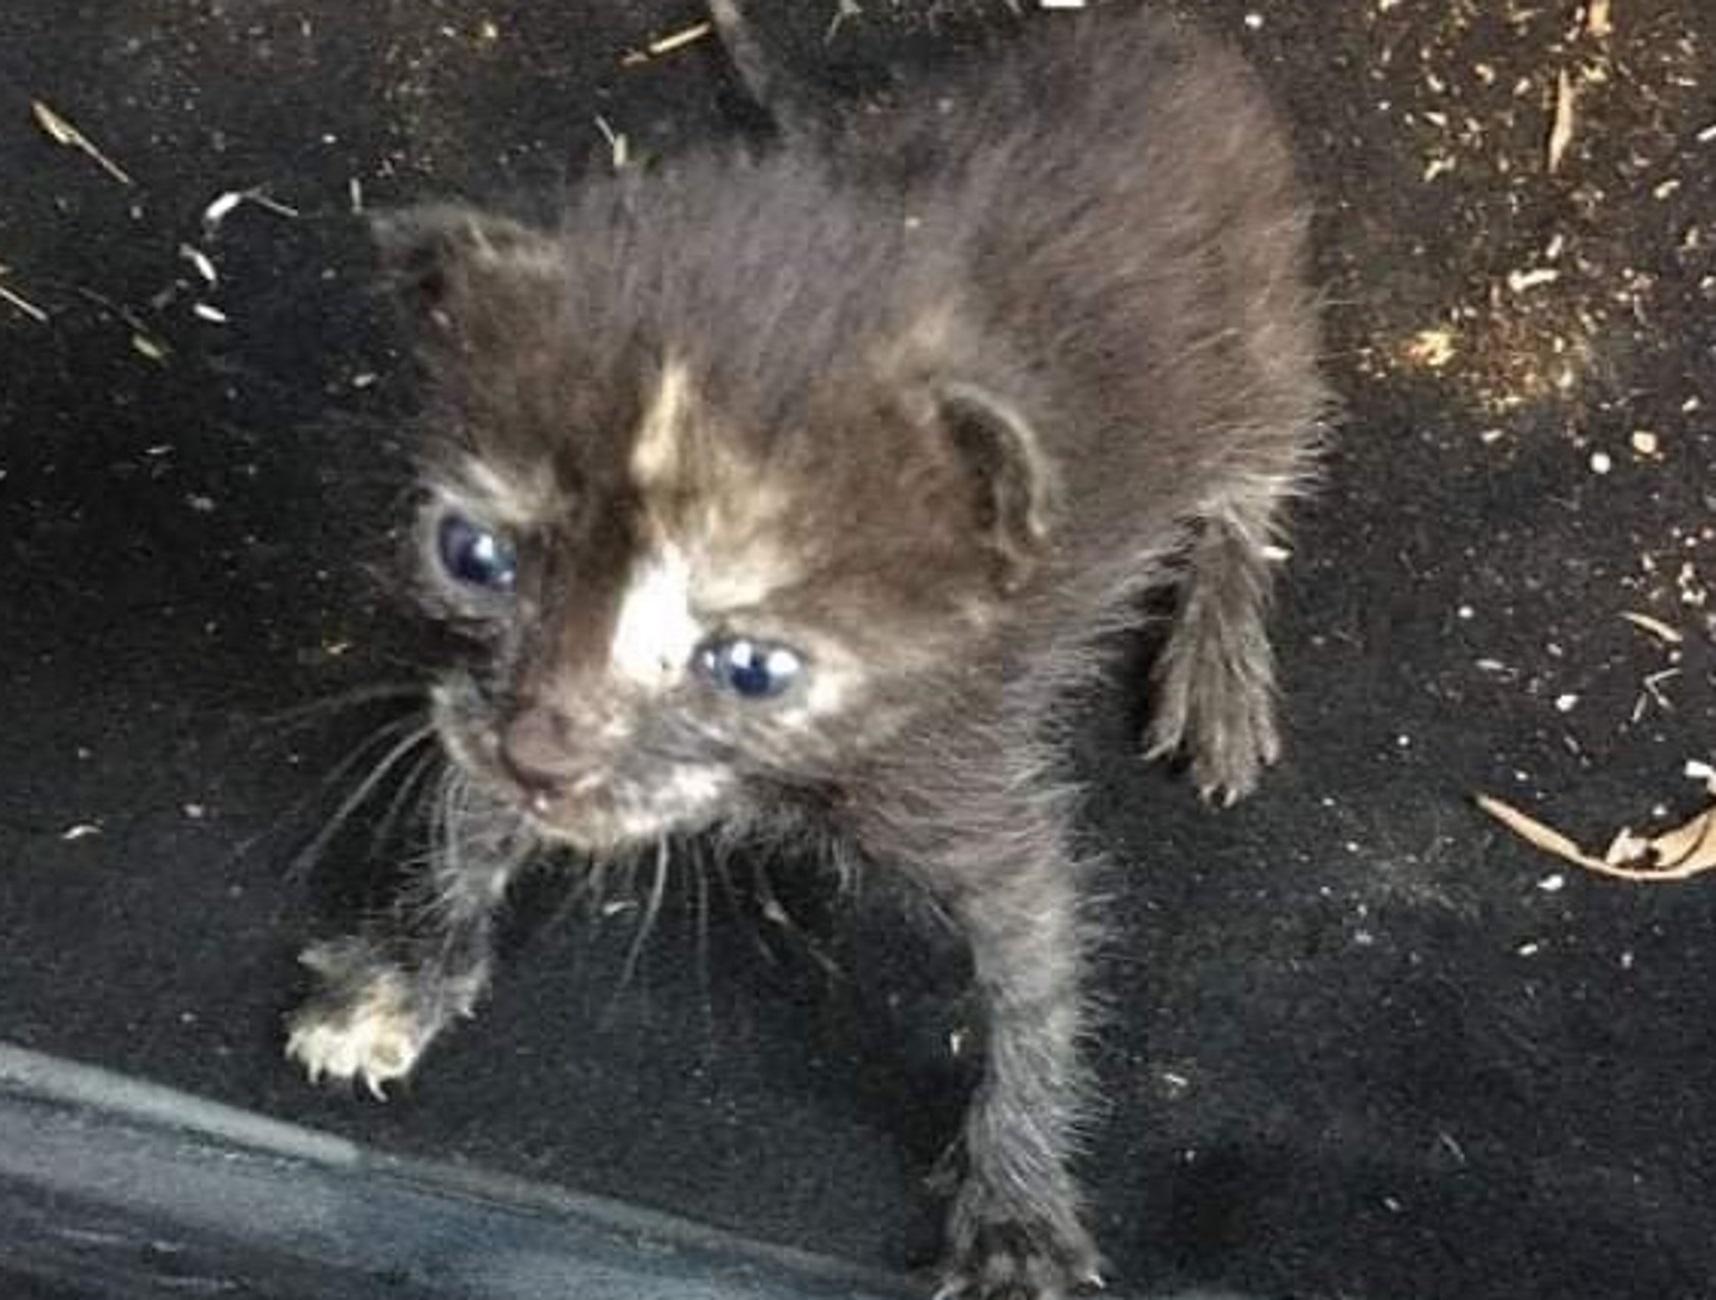 Μεσολόγγι: Δείτε πως είναι σήμερα αυτό το επτάψυχο γατάκι που βγήκε ζωντανό από την κόλαση της φωτιάς